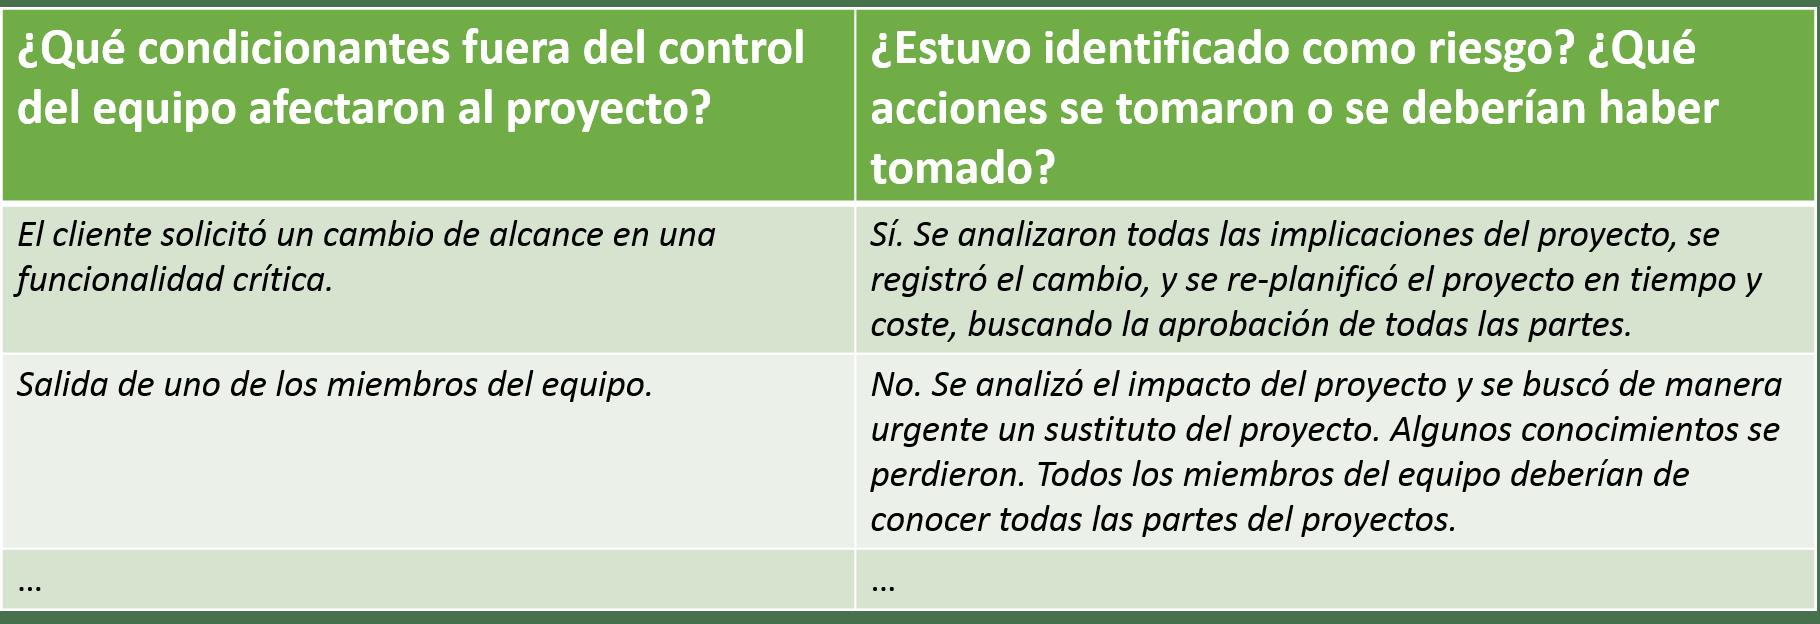 LeccionesAprendidas_fueraControl